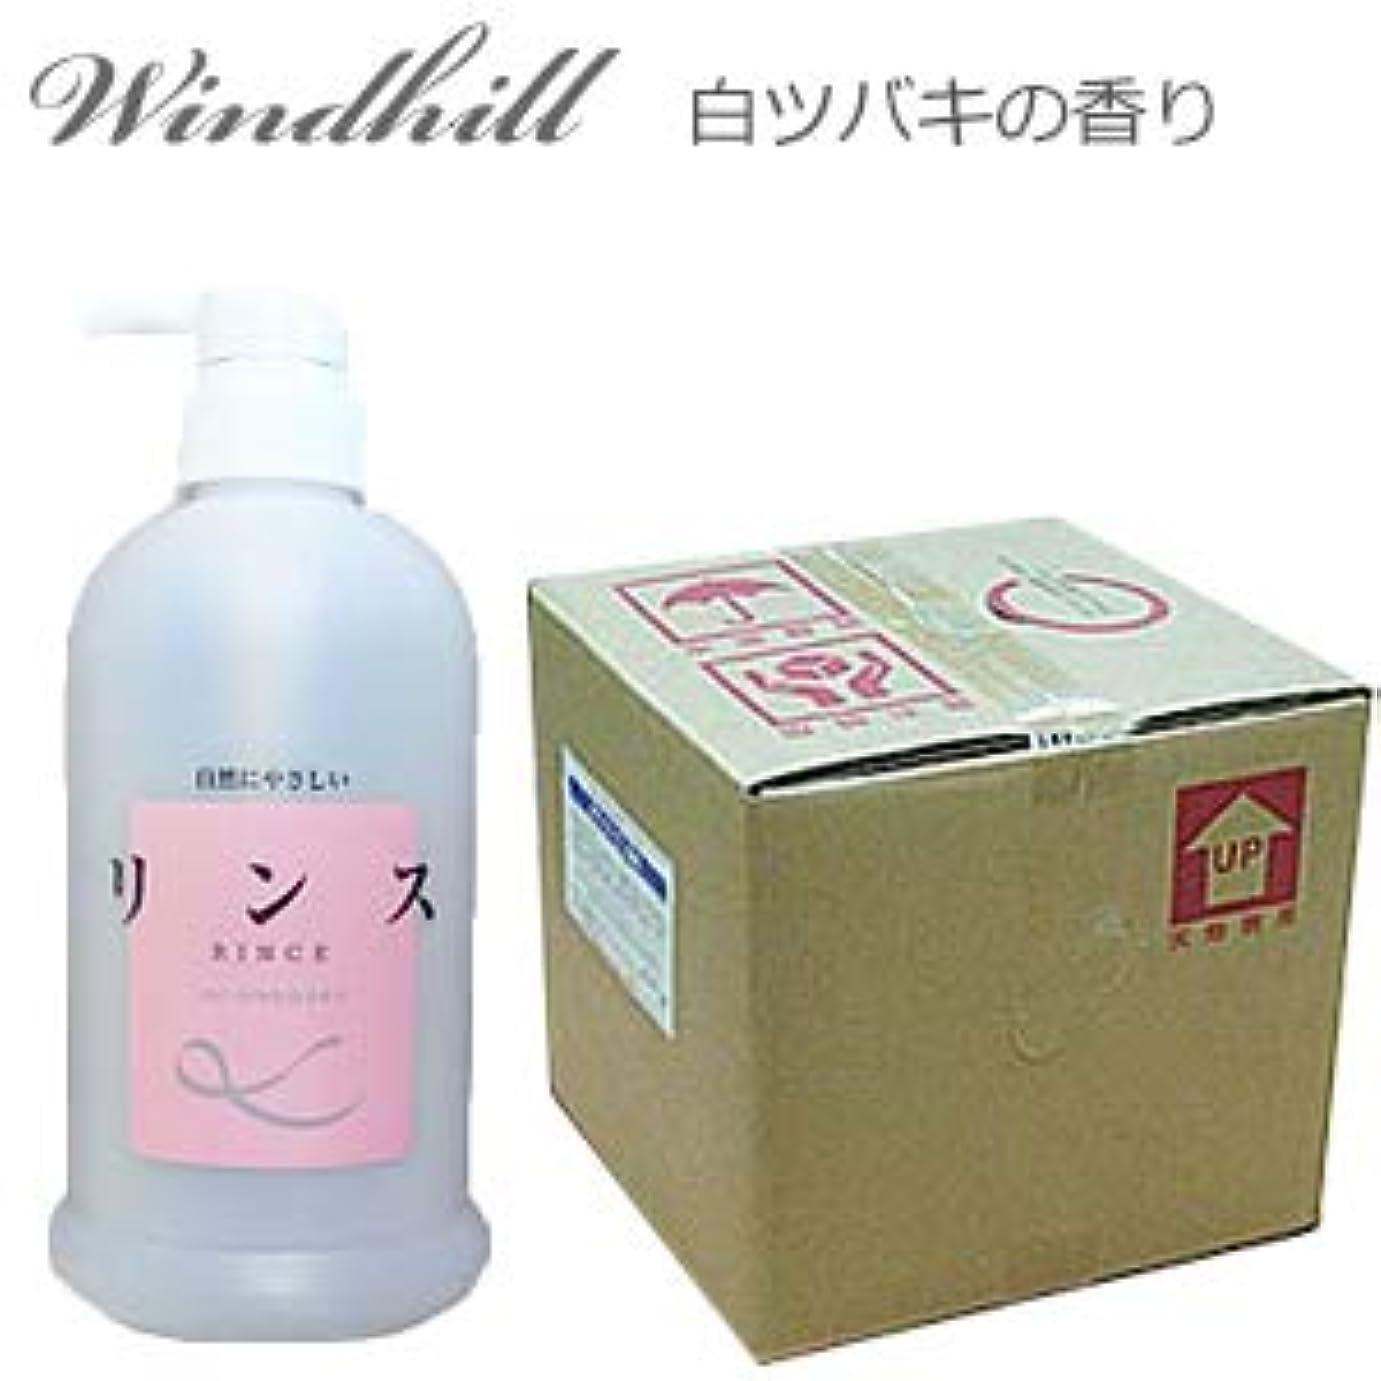 敏感なしおれた他の場所なんと! 500ml当り175円 Windhill 植物性 業務用 リンス 白ツバキの香り 20L